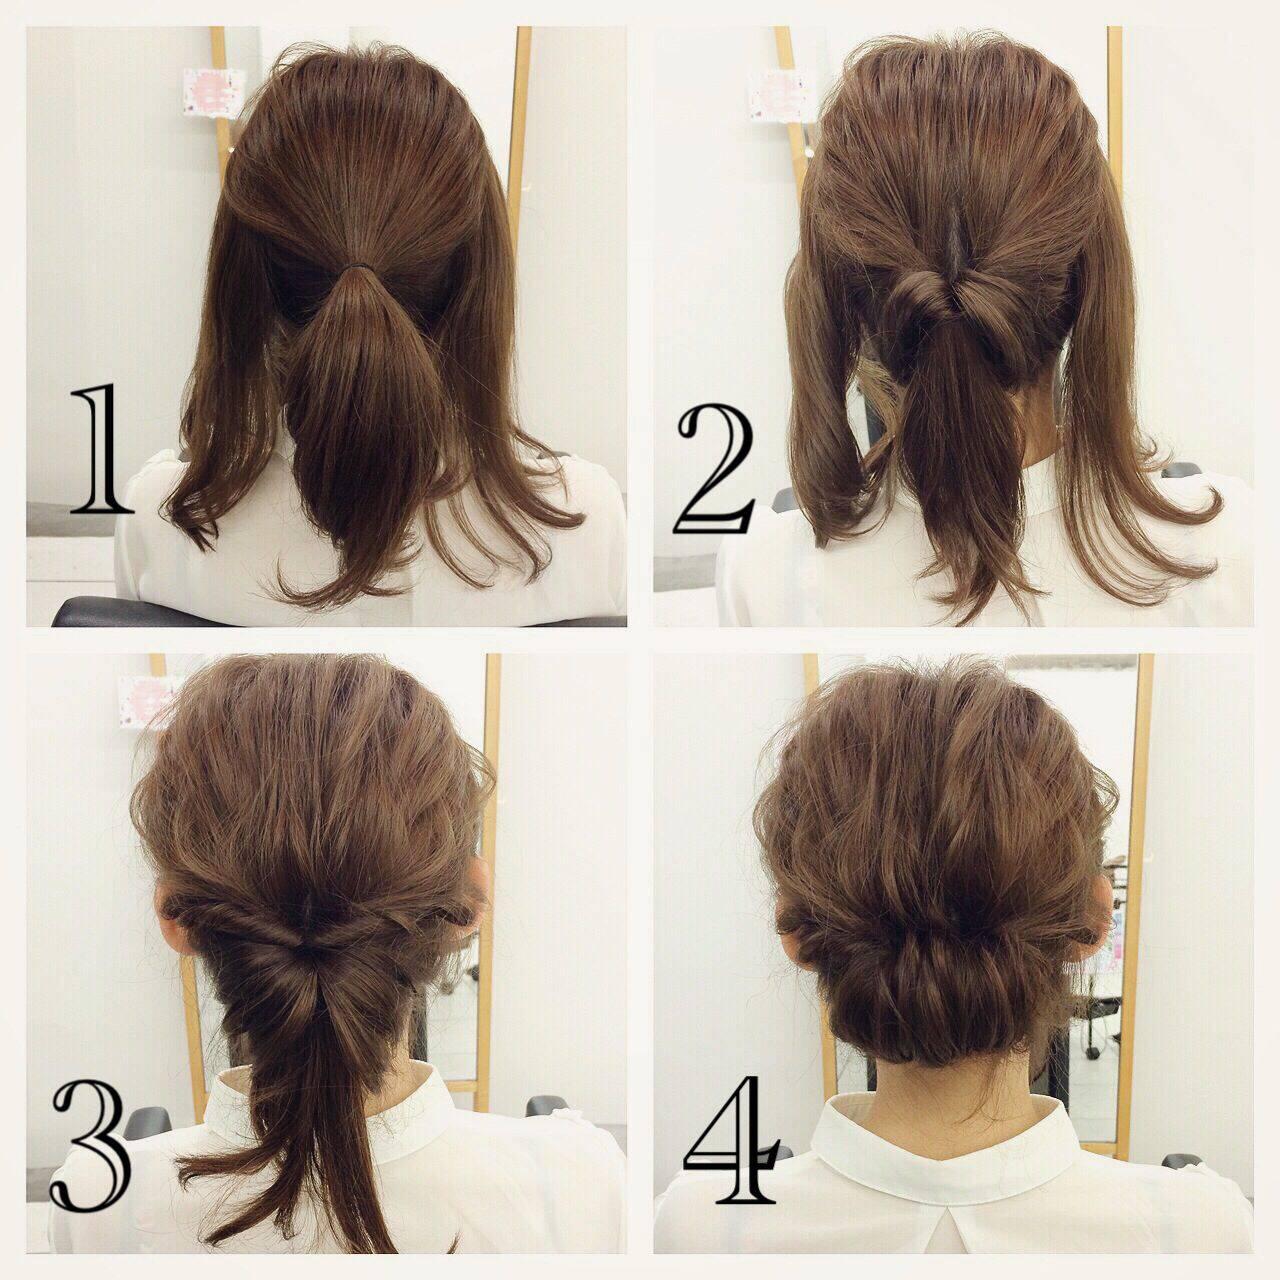 ミディアム ヘアアレンジ 簡単ヘアアレンジ ルーズヘアスタイルや髪型の写真・画像